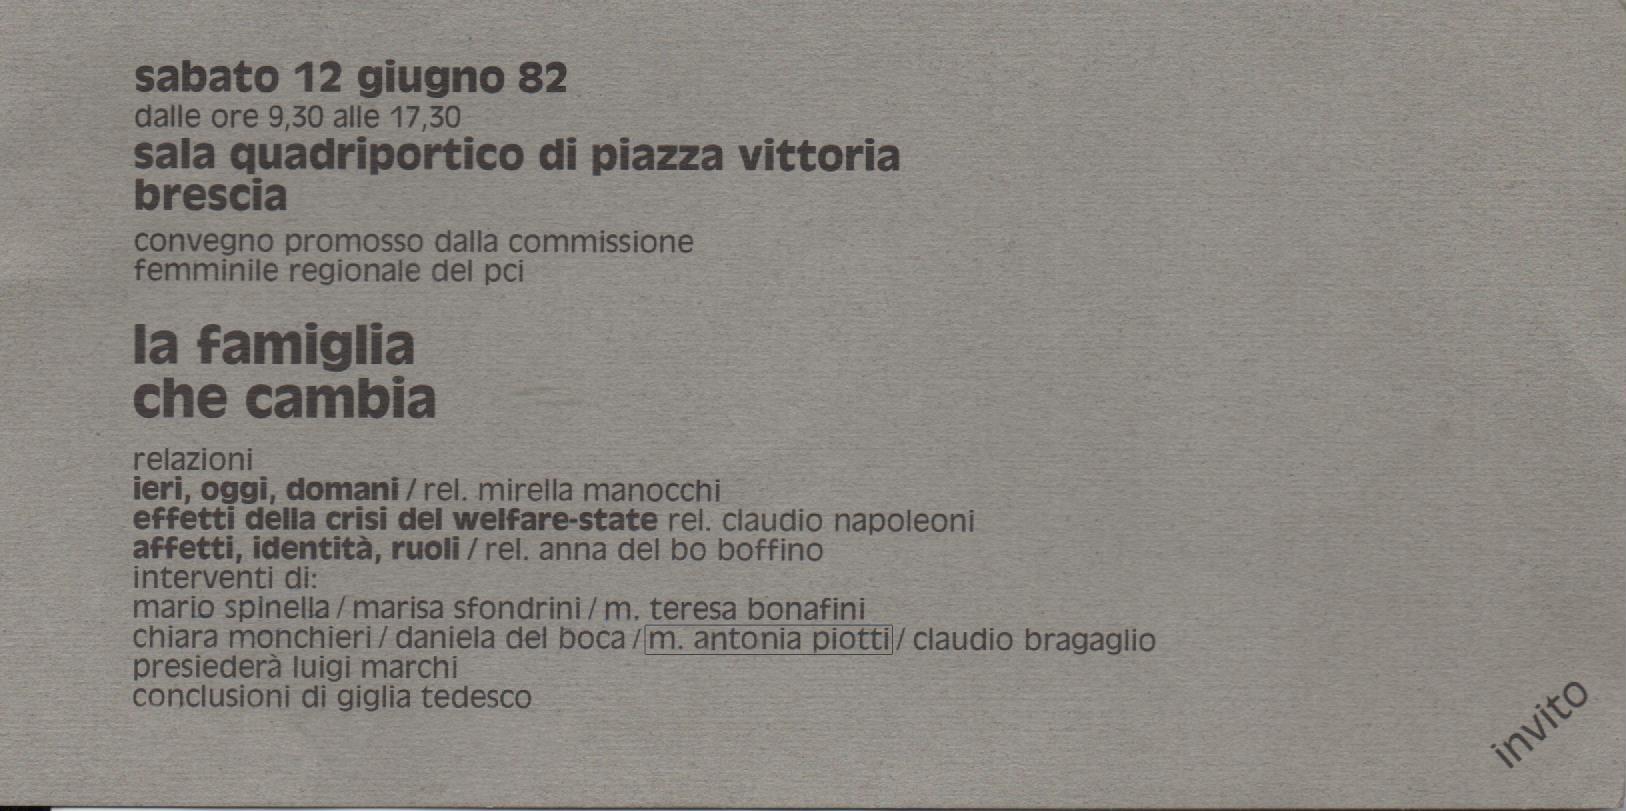 invito-quadriportico-ritocco1